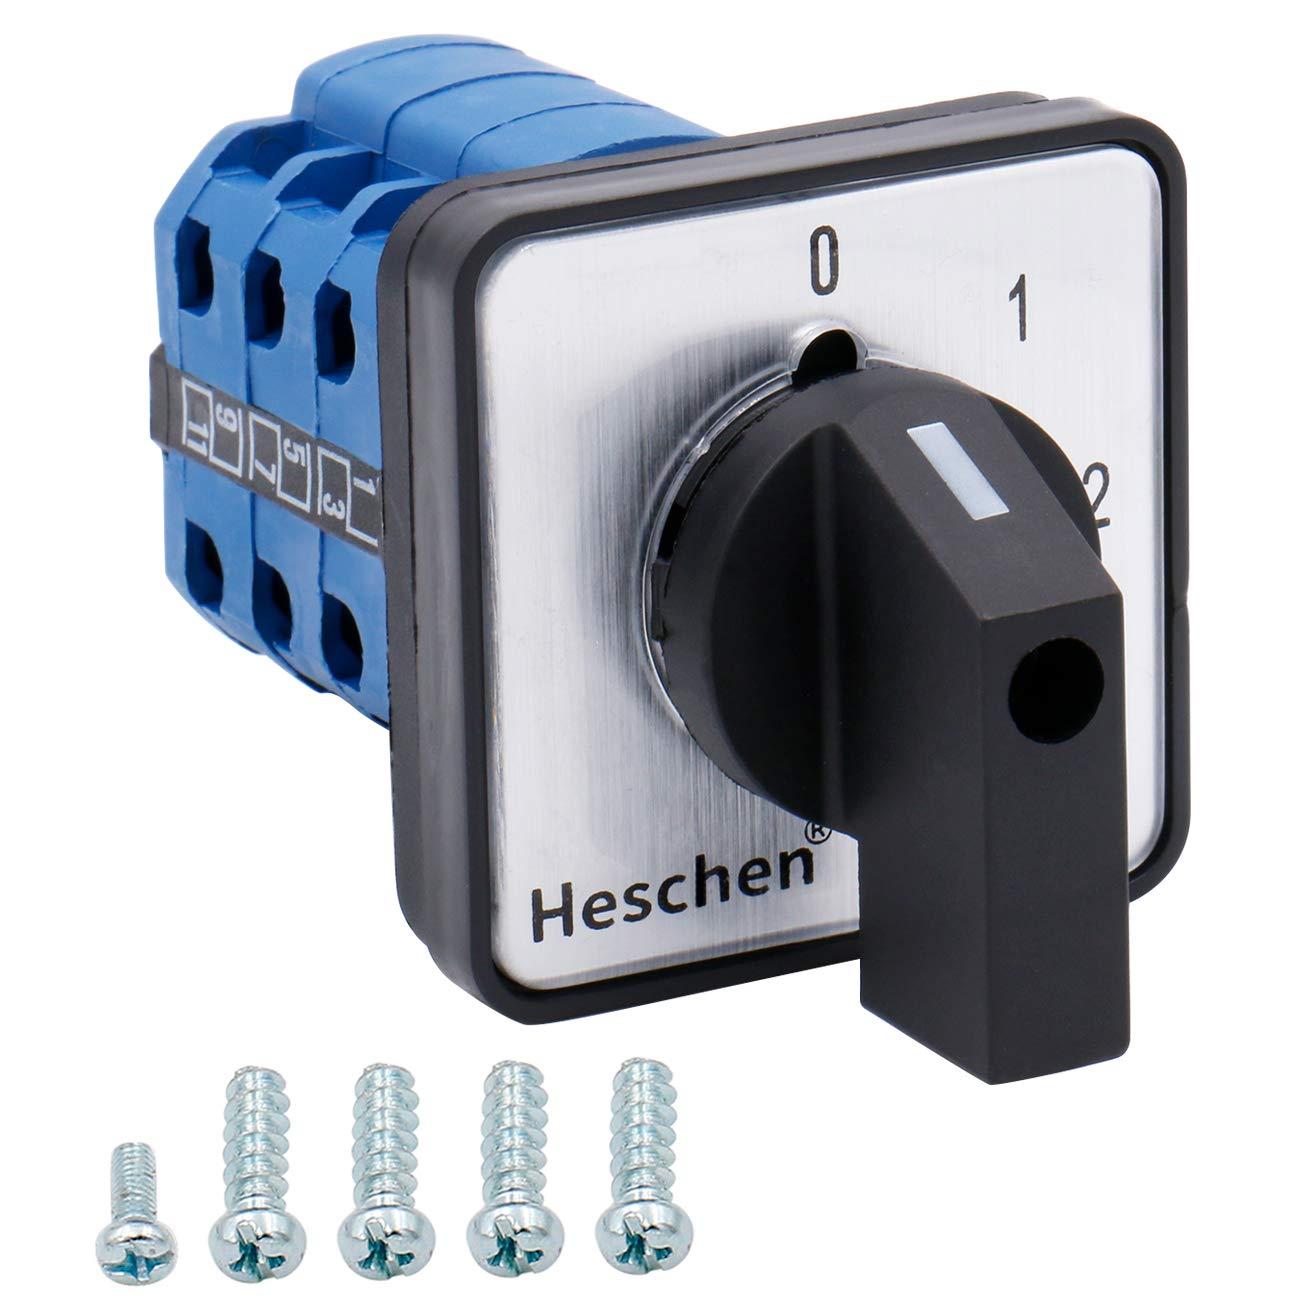 Heschen Interruptor selector de levas giratorio universal LW28-20/0123.3 660V 20A 4 posiciones 3 Fase 12 Terminales CE